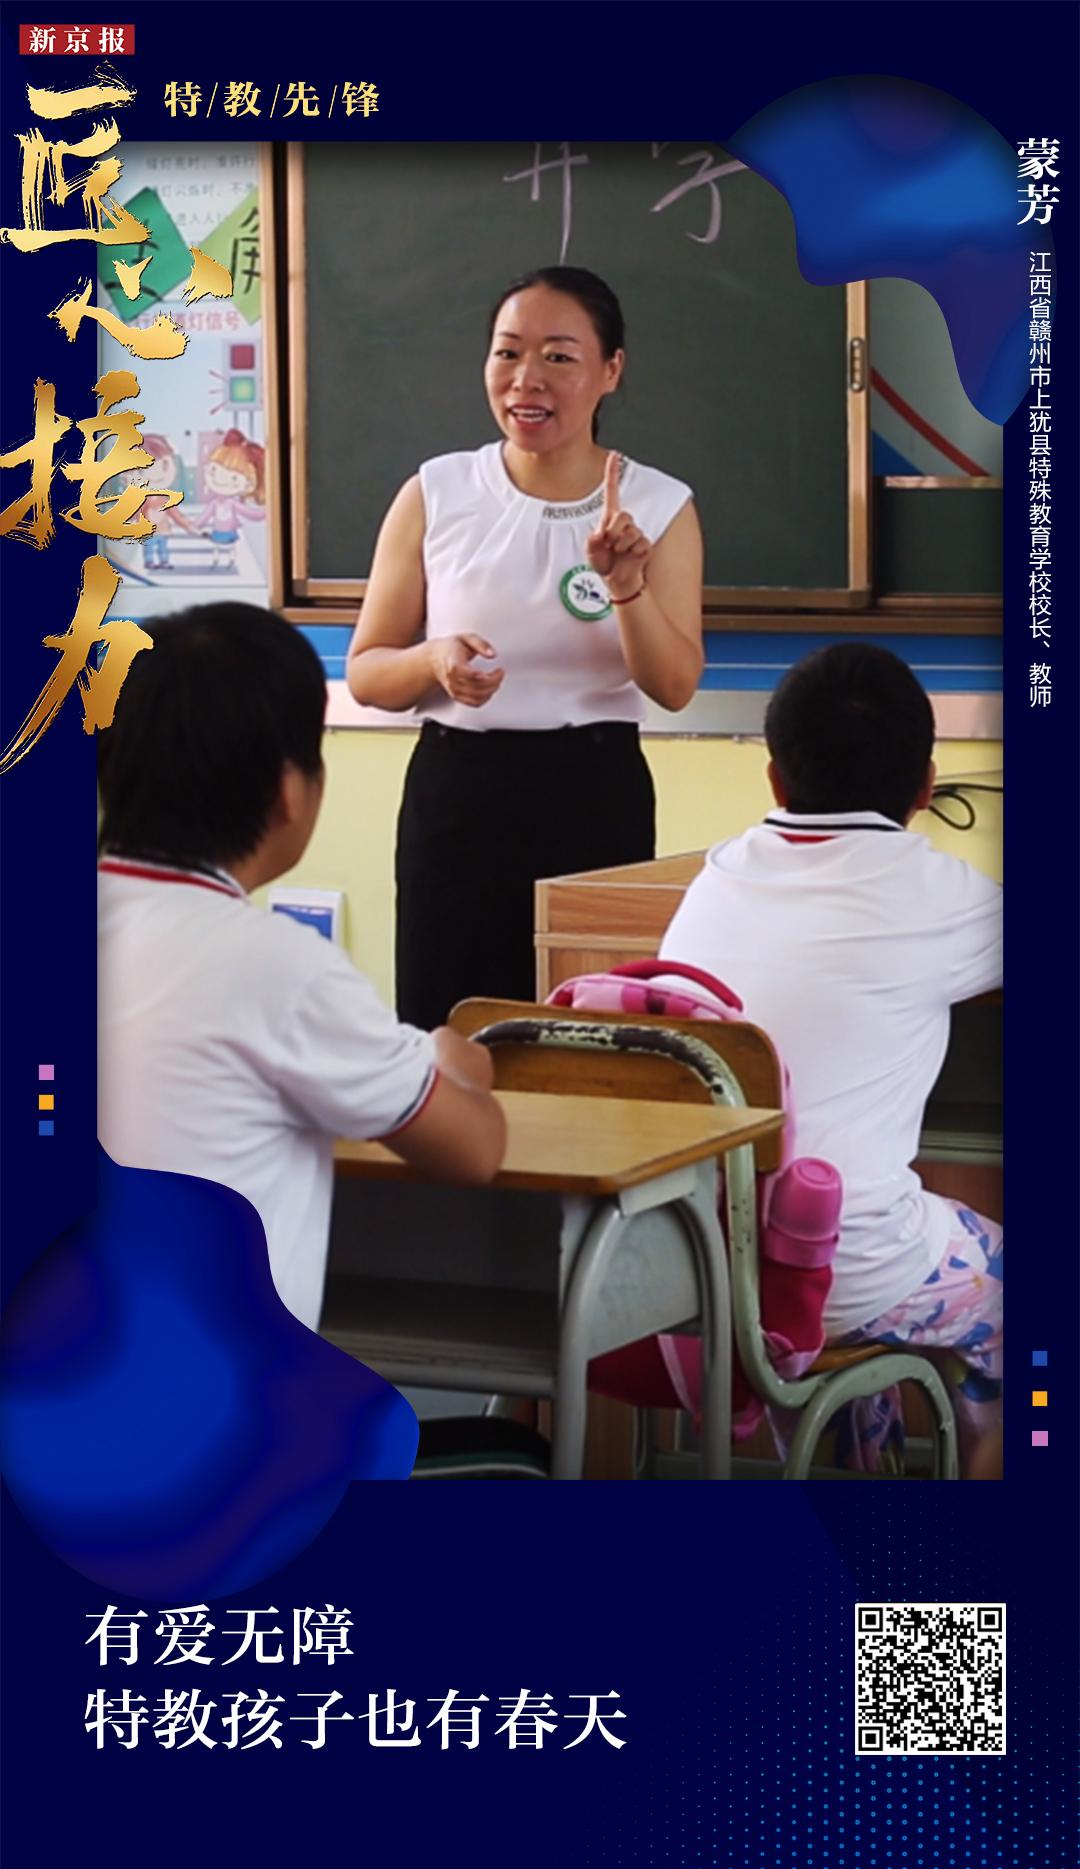 匠人心声丨蒙芳:除了发自内心的爱,教师还要拥有匠心